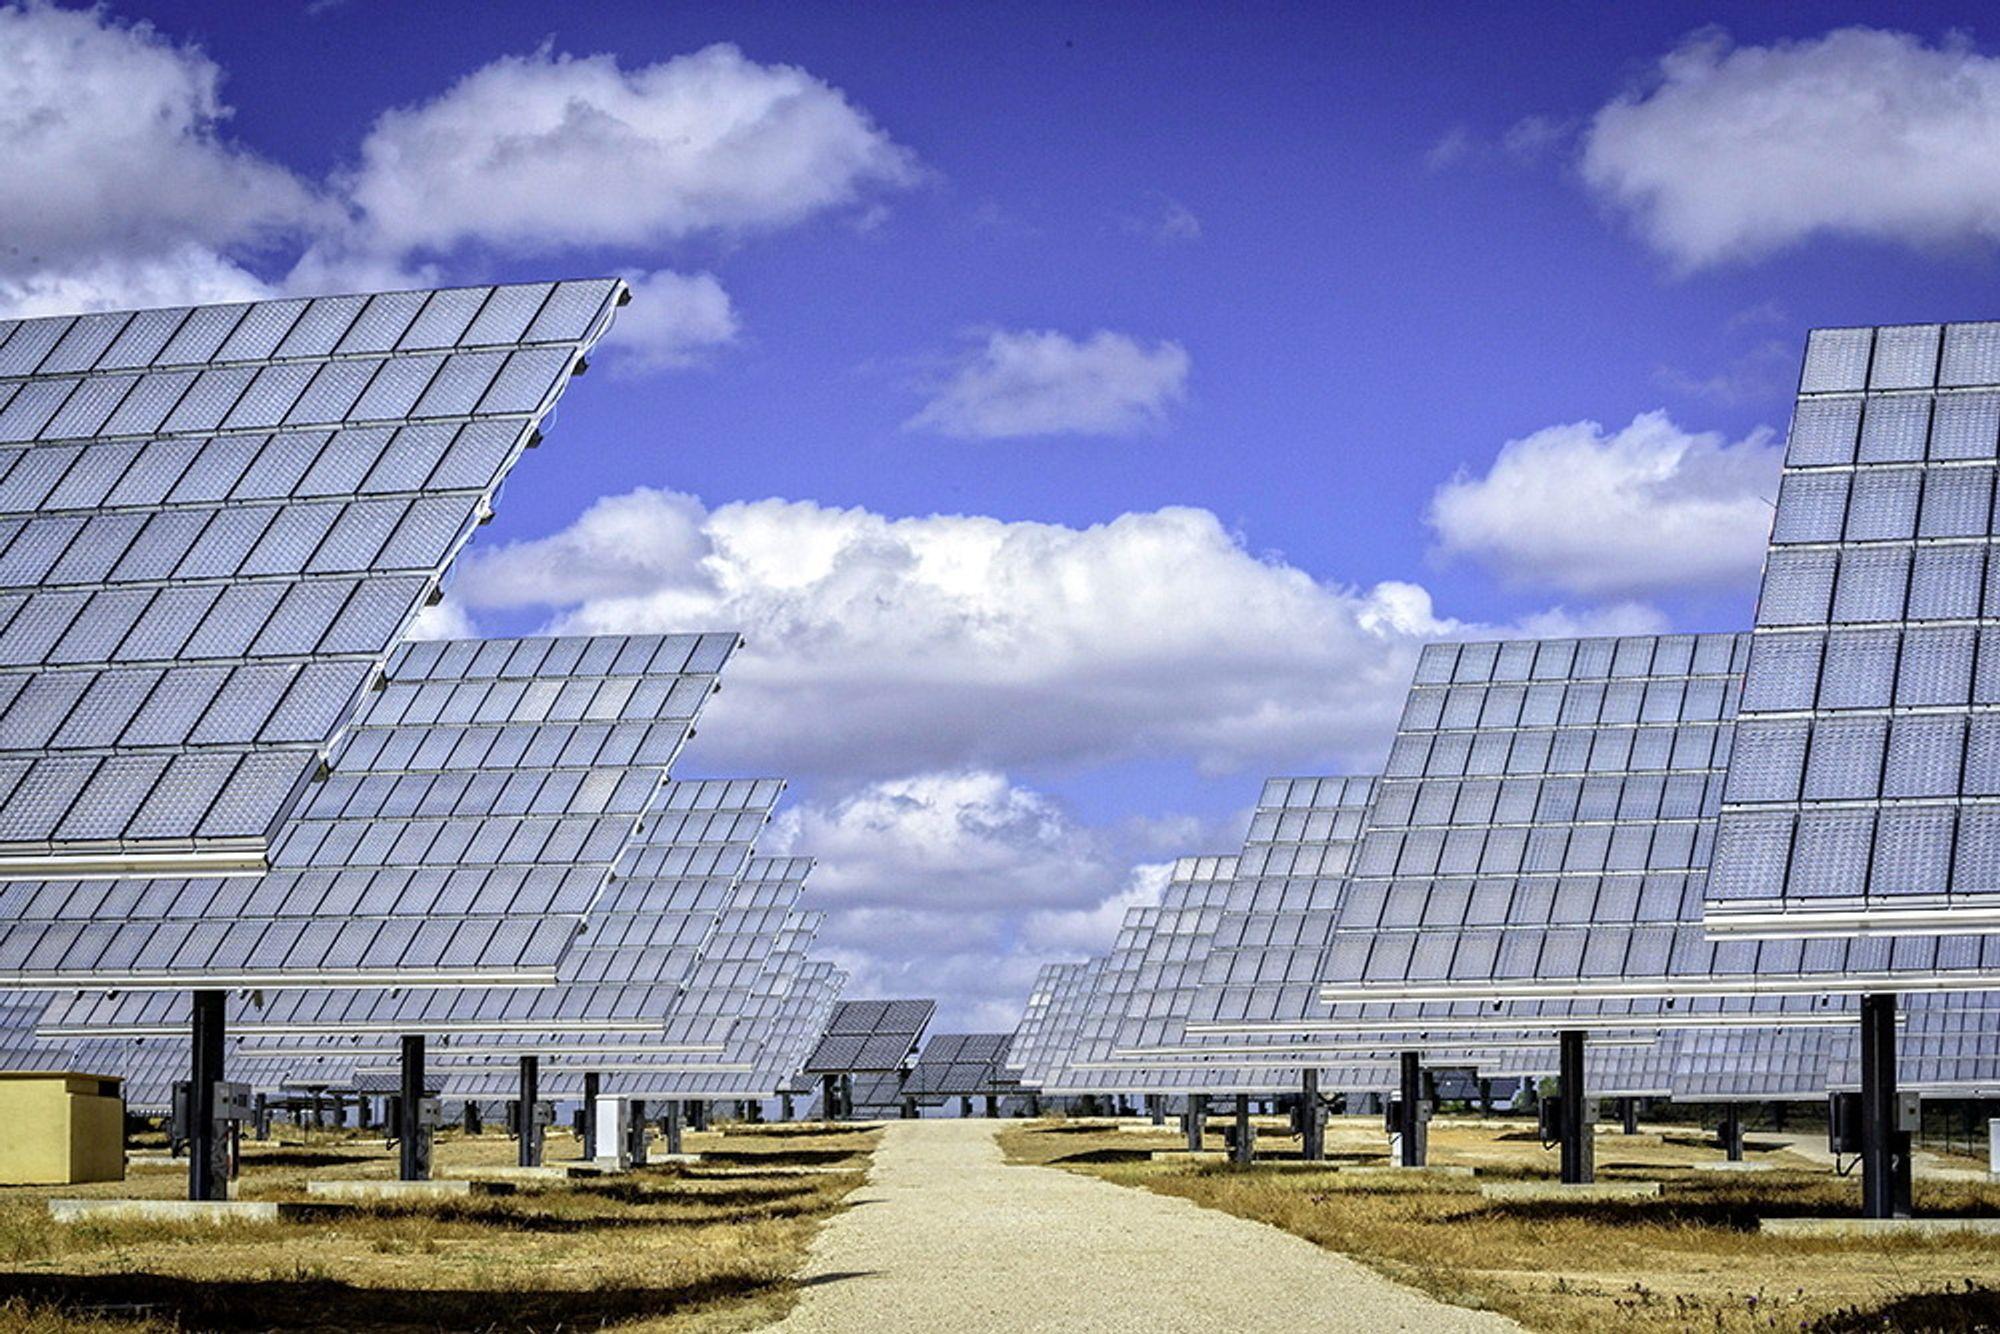 Private aktører har sendt søknad om å få bygge et solkraftanlegg på hele 200 MW i Algarve-regionen. Nylig åpnet dette konsenterte solkraftanlegget (1,29 MW) i Alcoutim-området, hvor gigantanlegget også skal ligge.